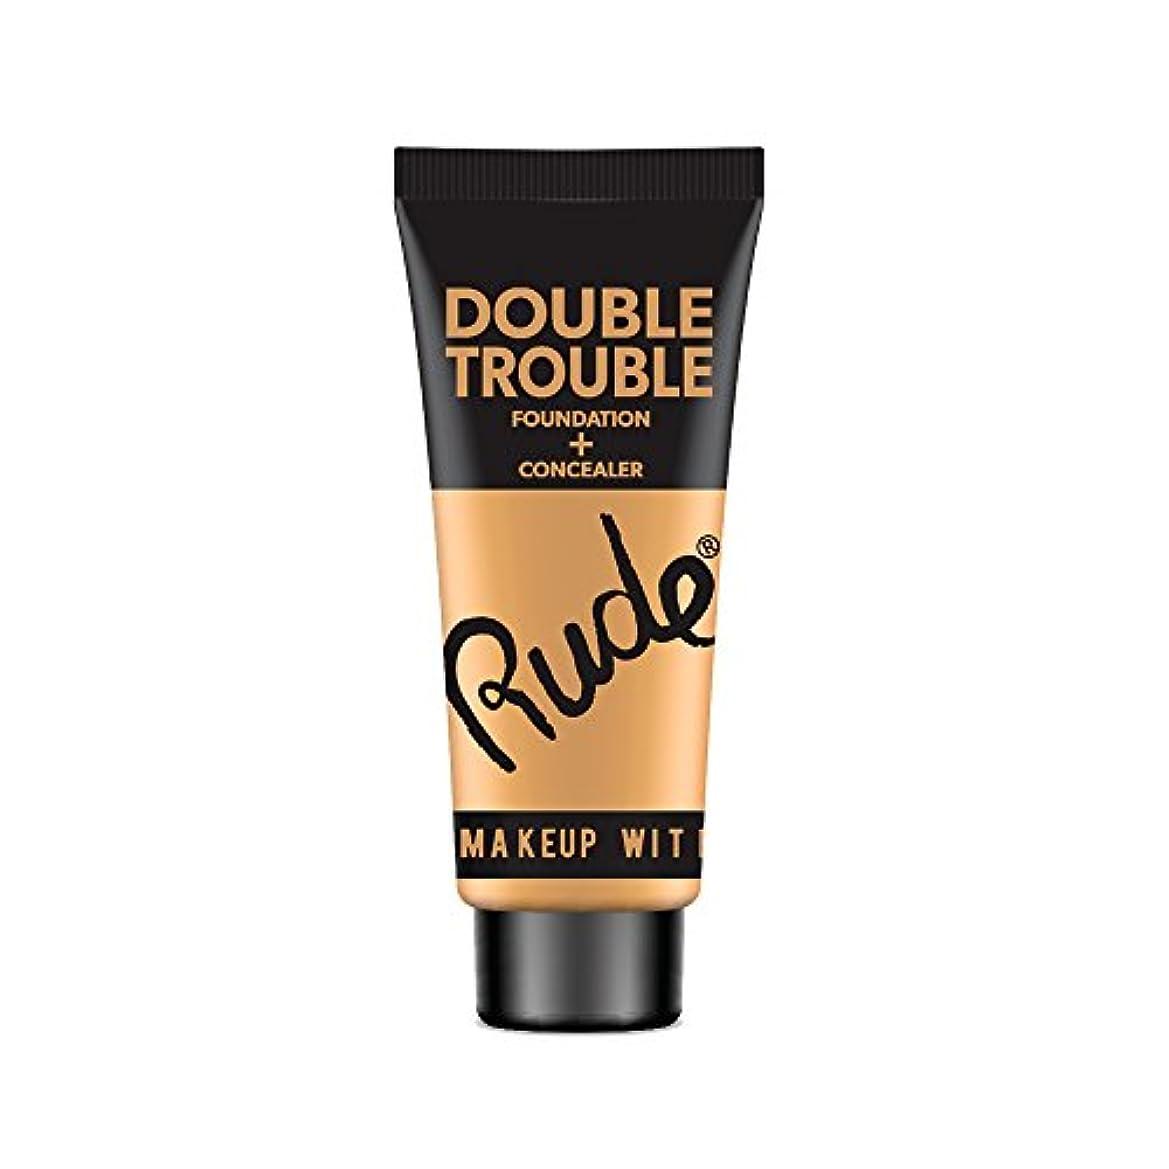 八トリプル節約RUDE Double Trouble Foundation + Concealer - Natural (並行輸入品)